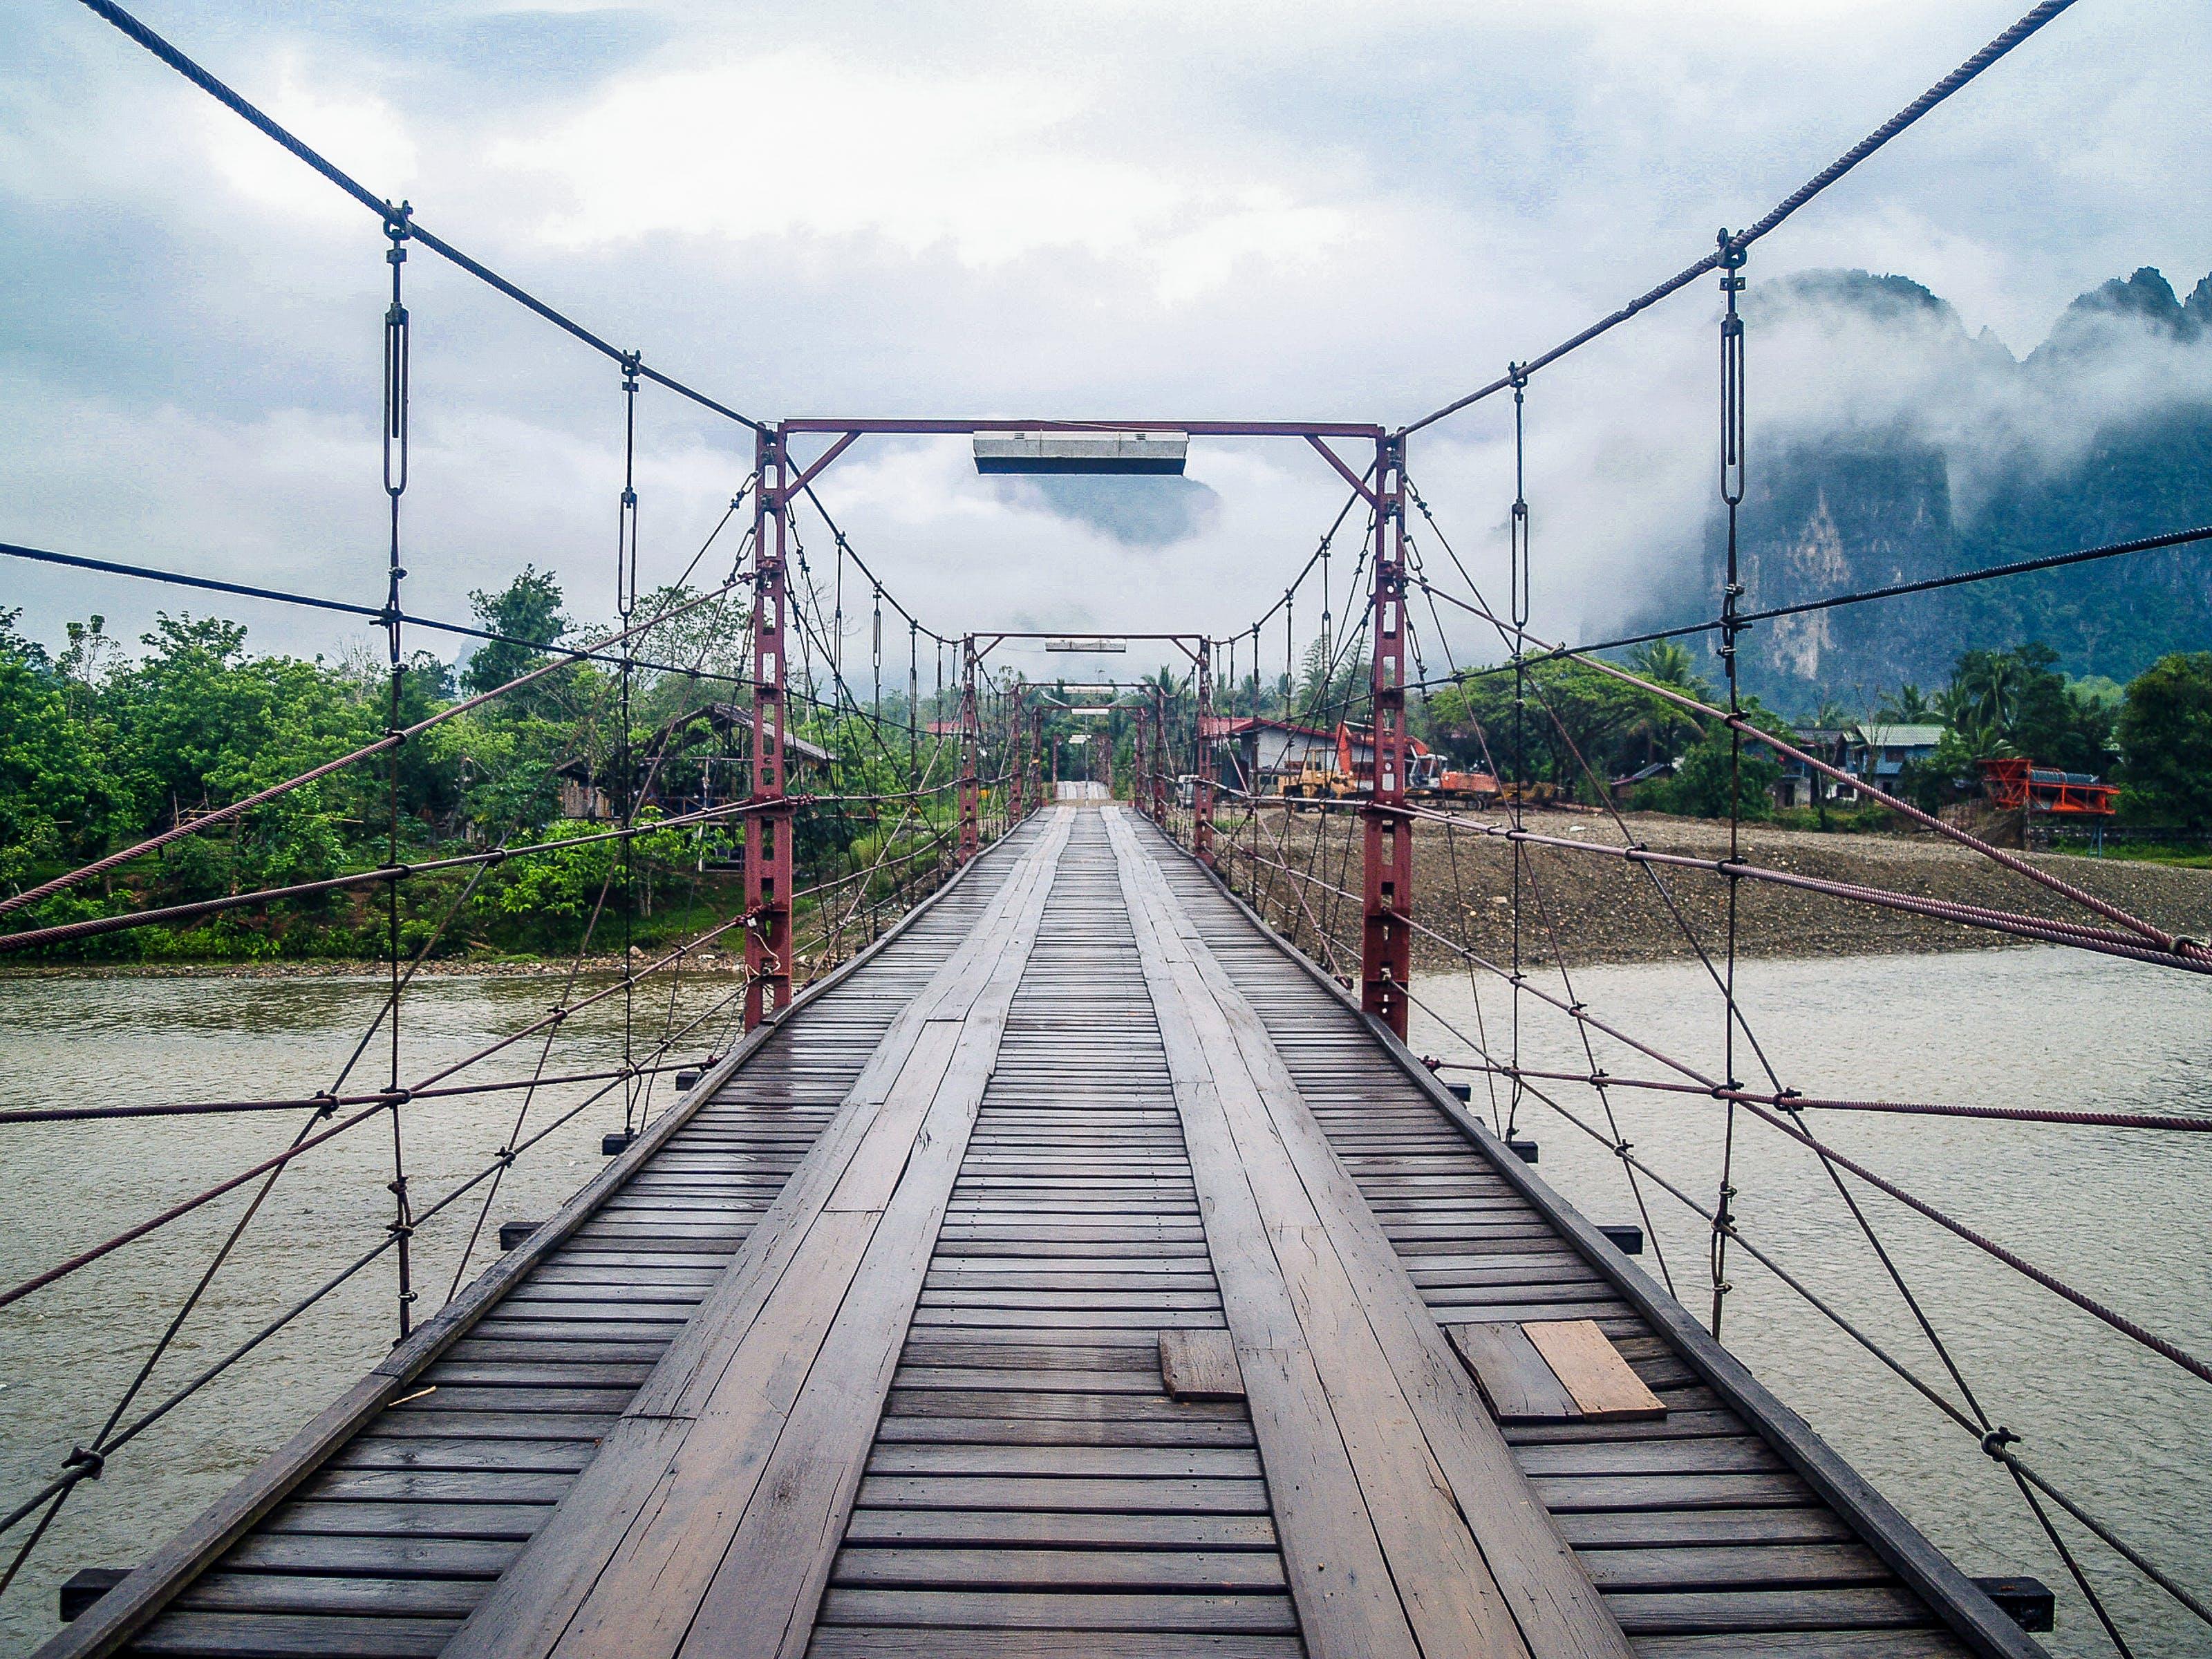 Brown Wooden Bridge